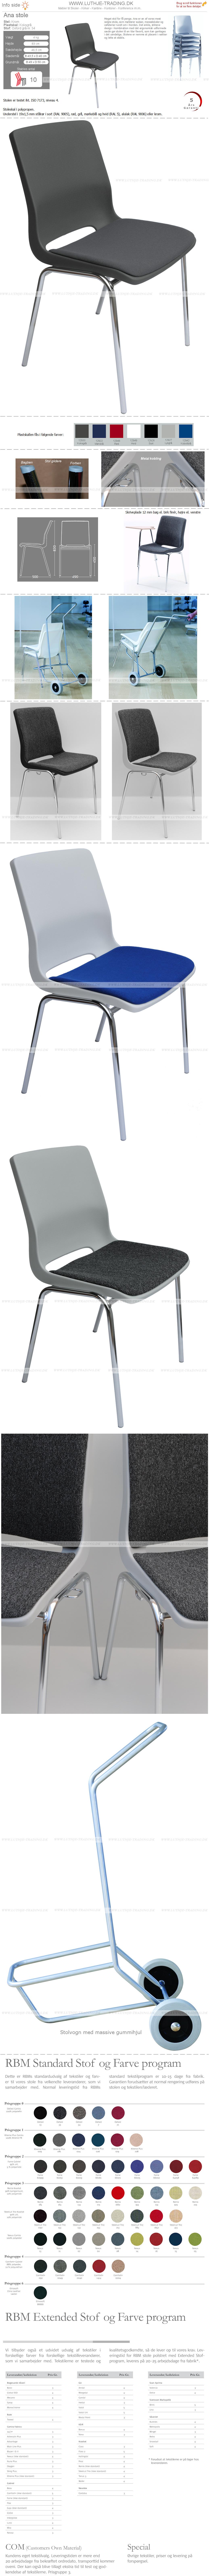 Ana stol krom-koksgrå-stofsæde 34